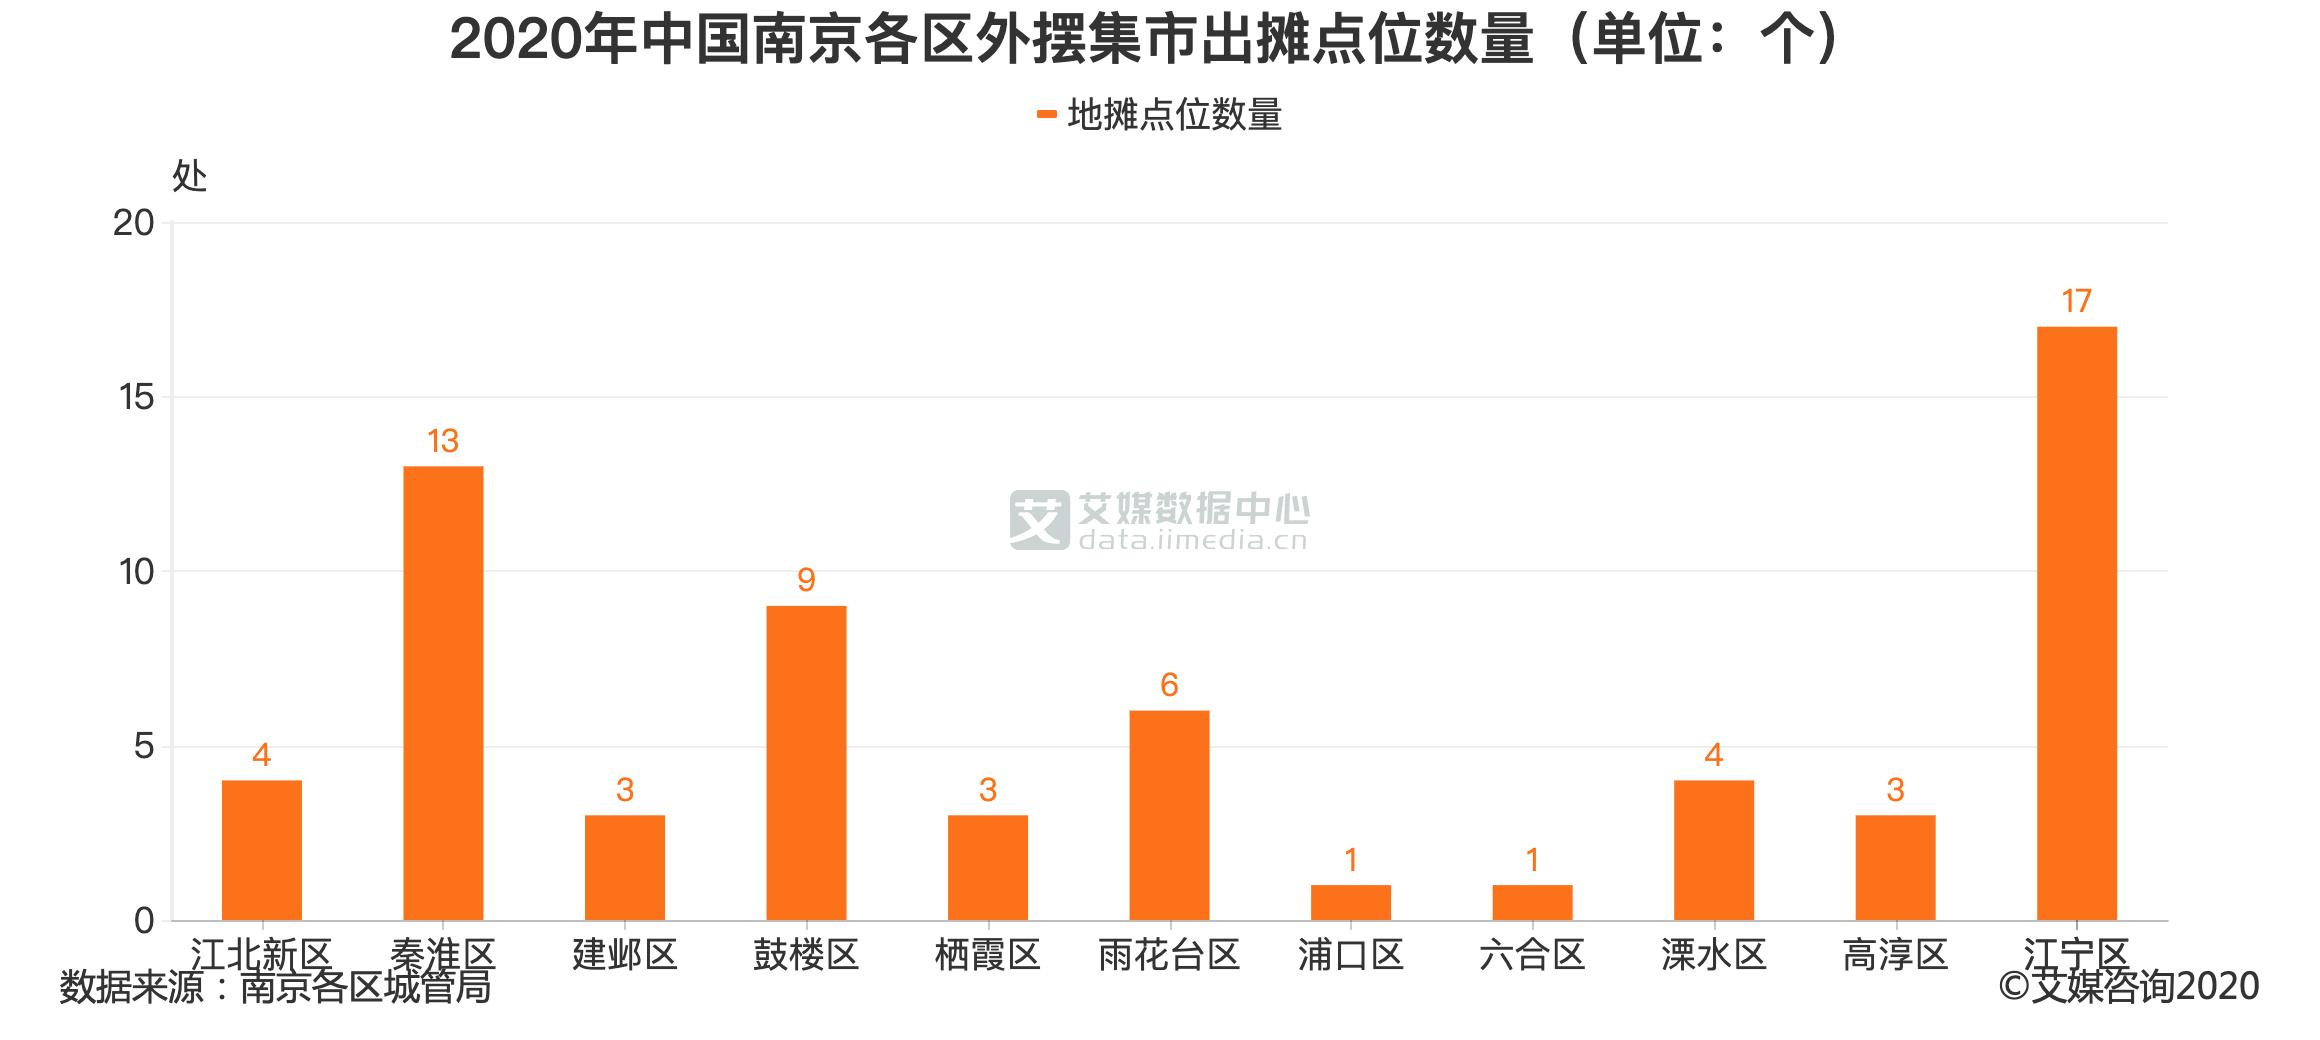 2020年中国南京各区外摆集市出摊点位数量(单位:个)